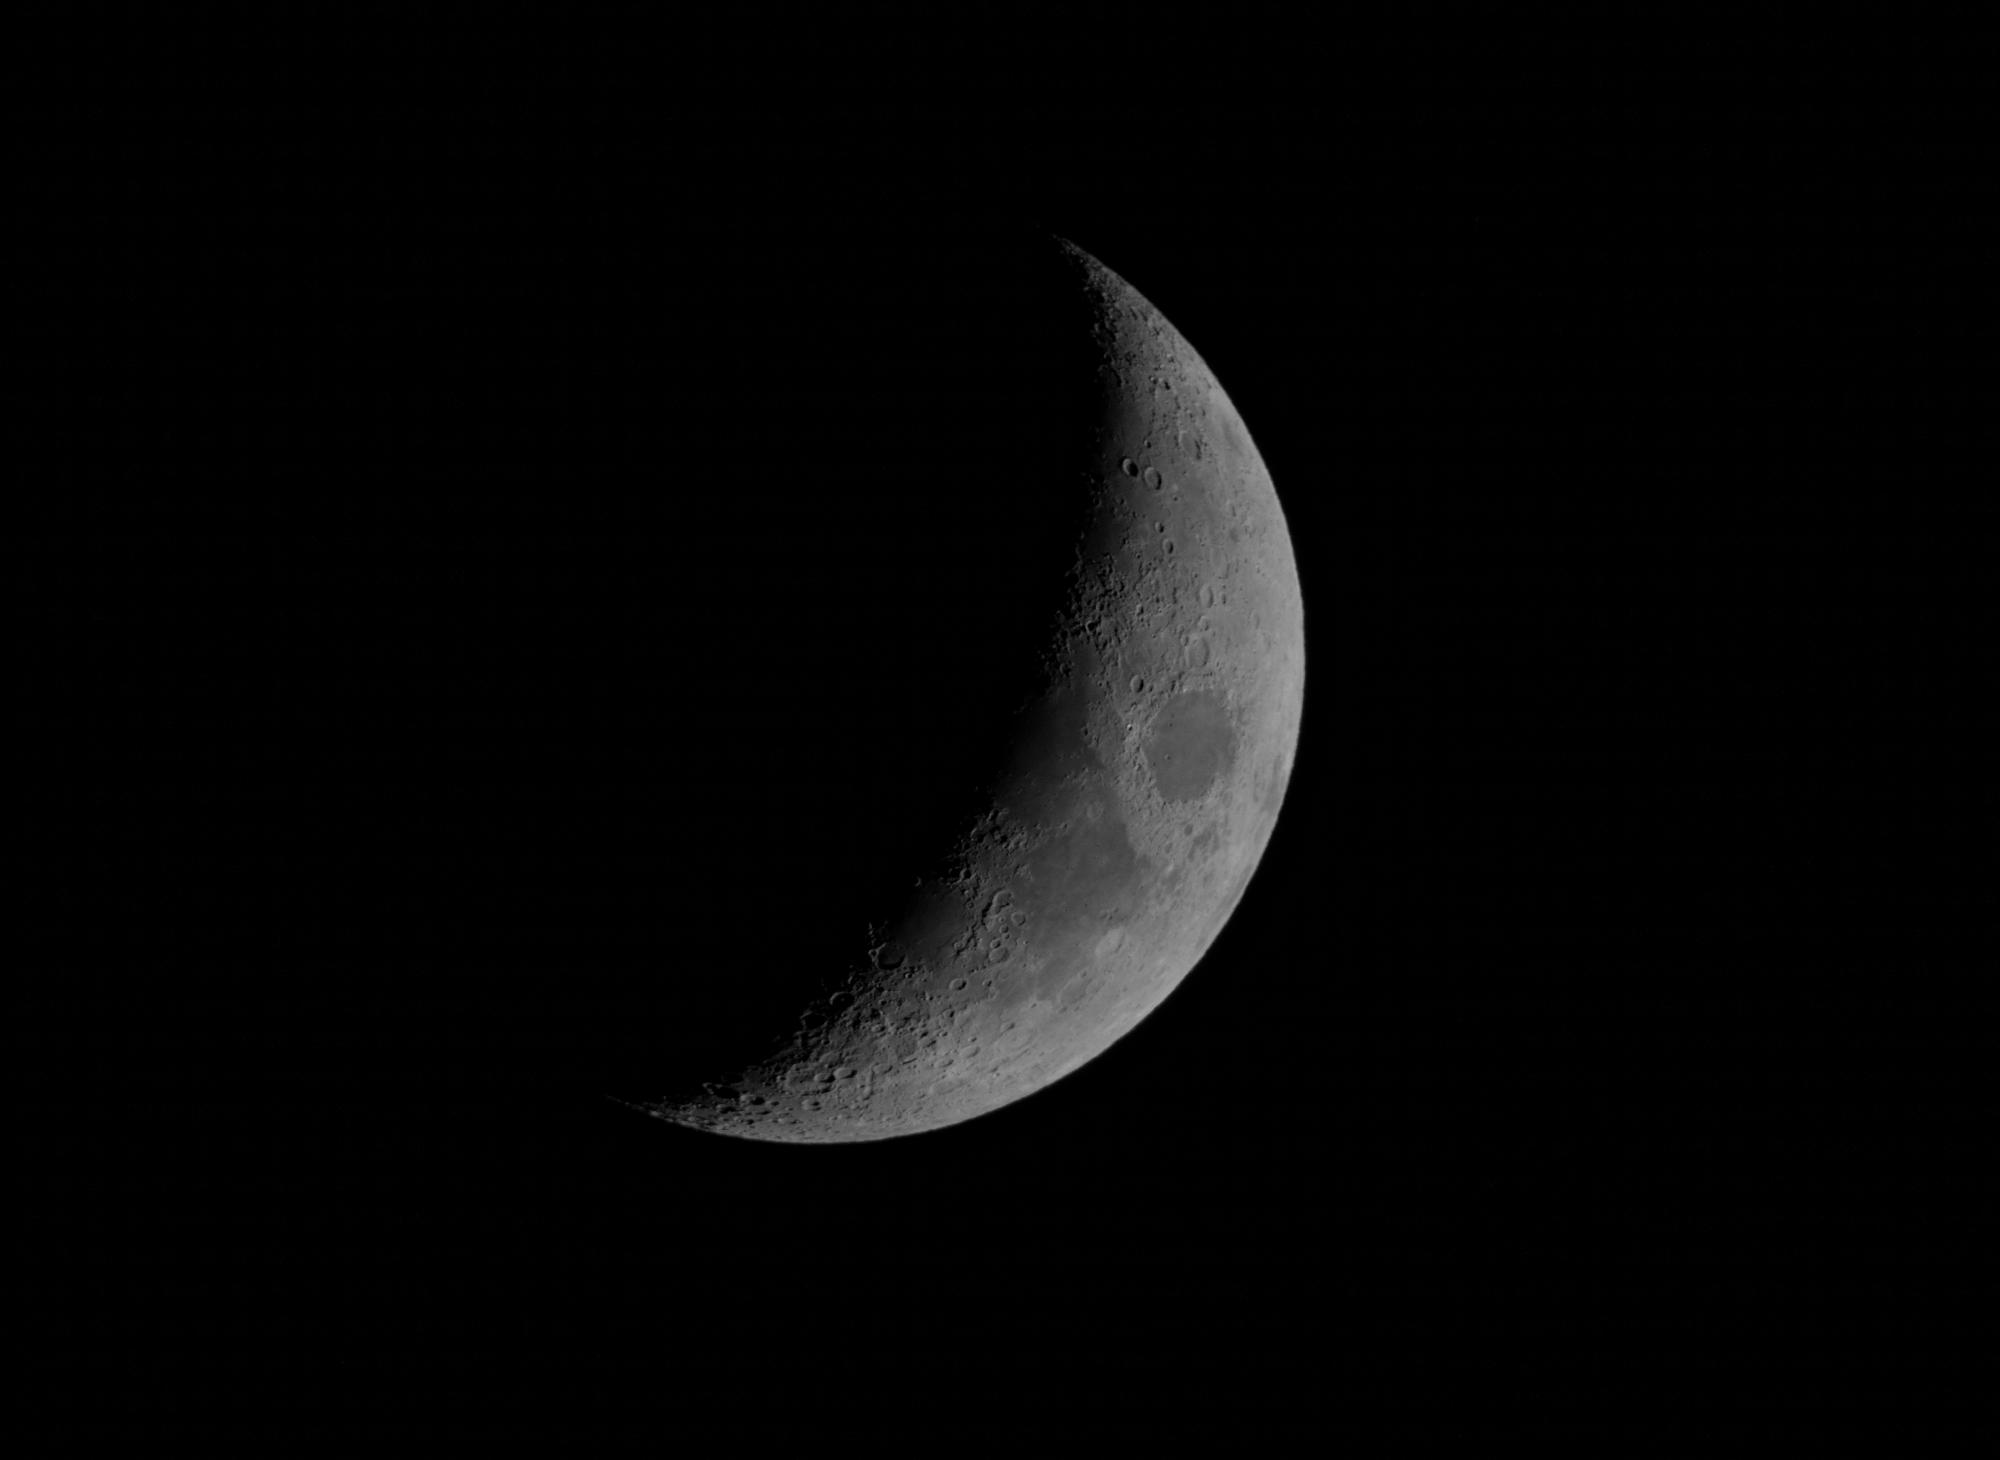 La Lune - Page 2 MOD2_capture000008